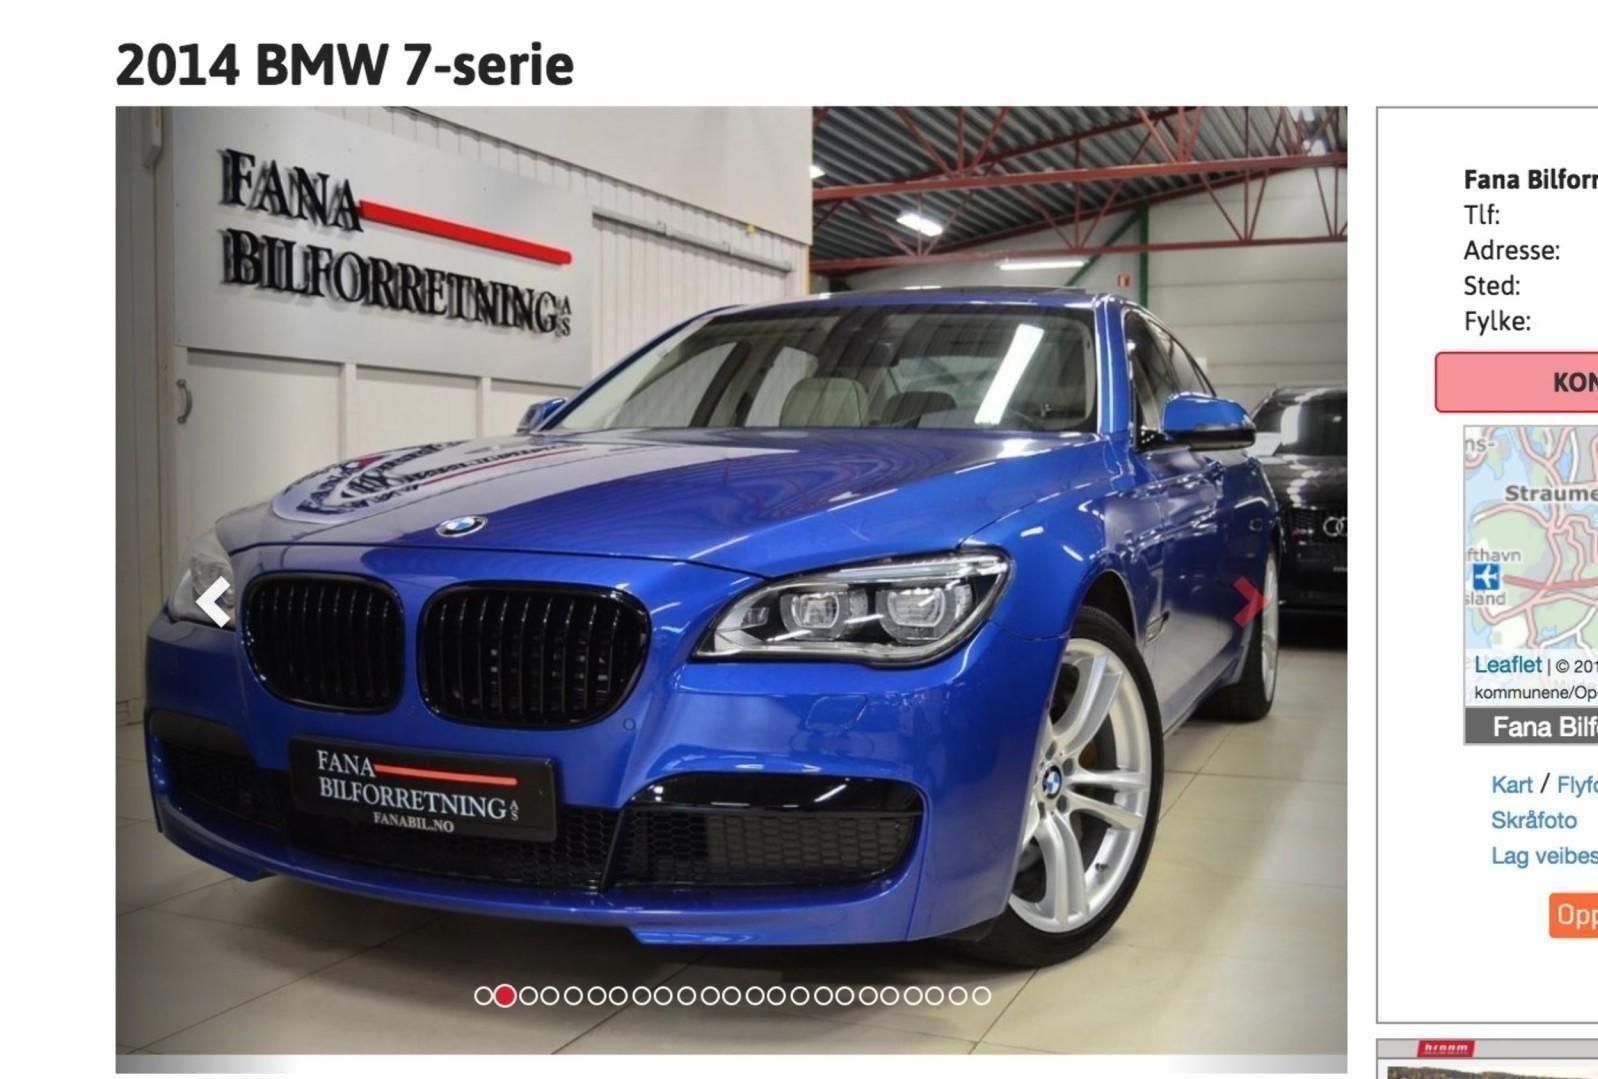 SKILLER SEG UT: Denne knallblå BMW-en er slett ikke som alle andre BMW-er – og det er ikke bare den spreke fargen som gjør at den skiller seg ut ... Faksimile: Autodb.no